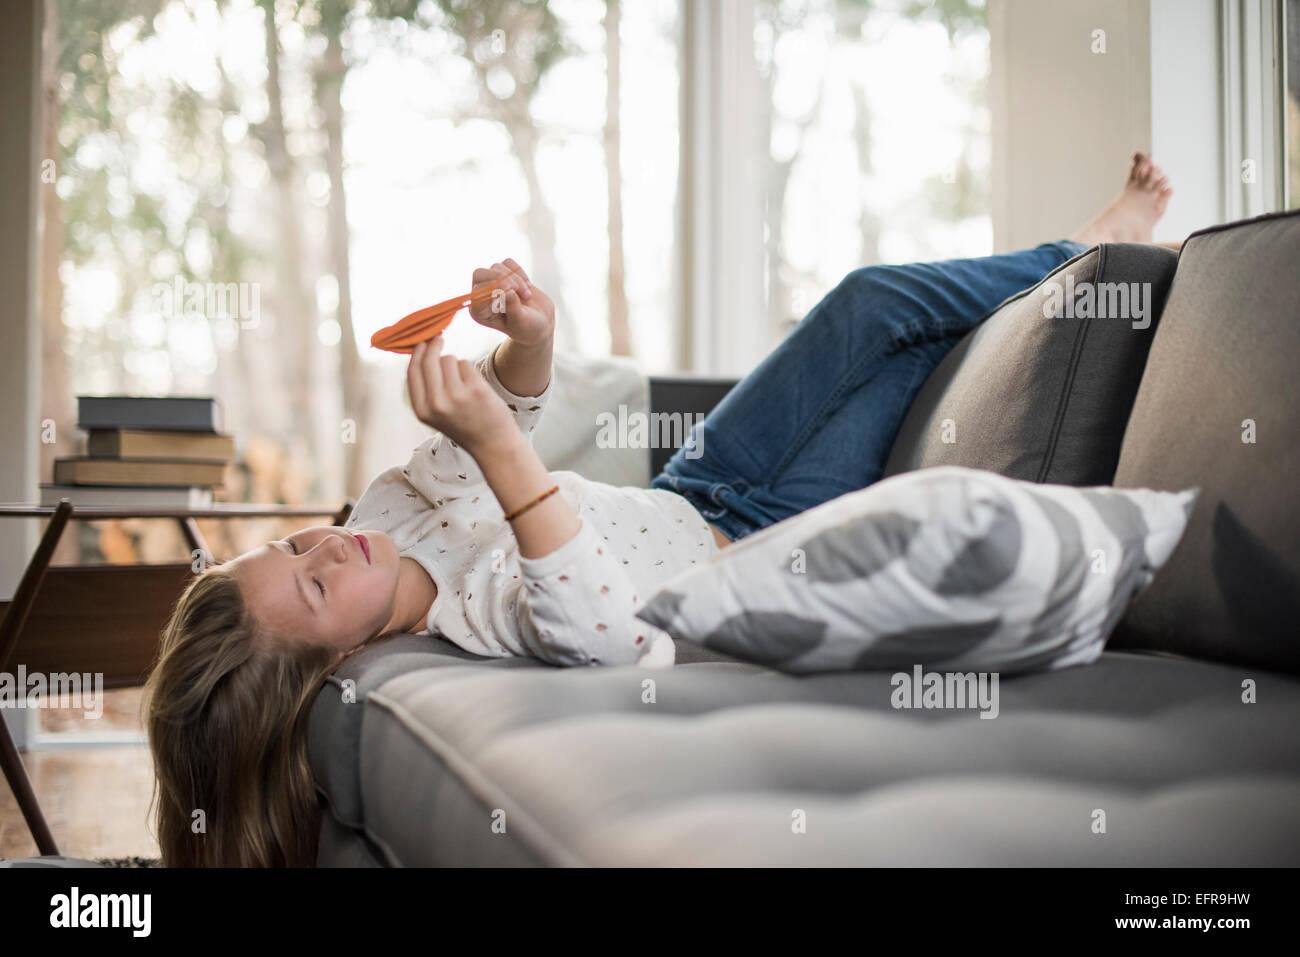 Mädchen auf einem Sofa auf dem Rücken liegend einen Papier Vogel hält. Stockbild